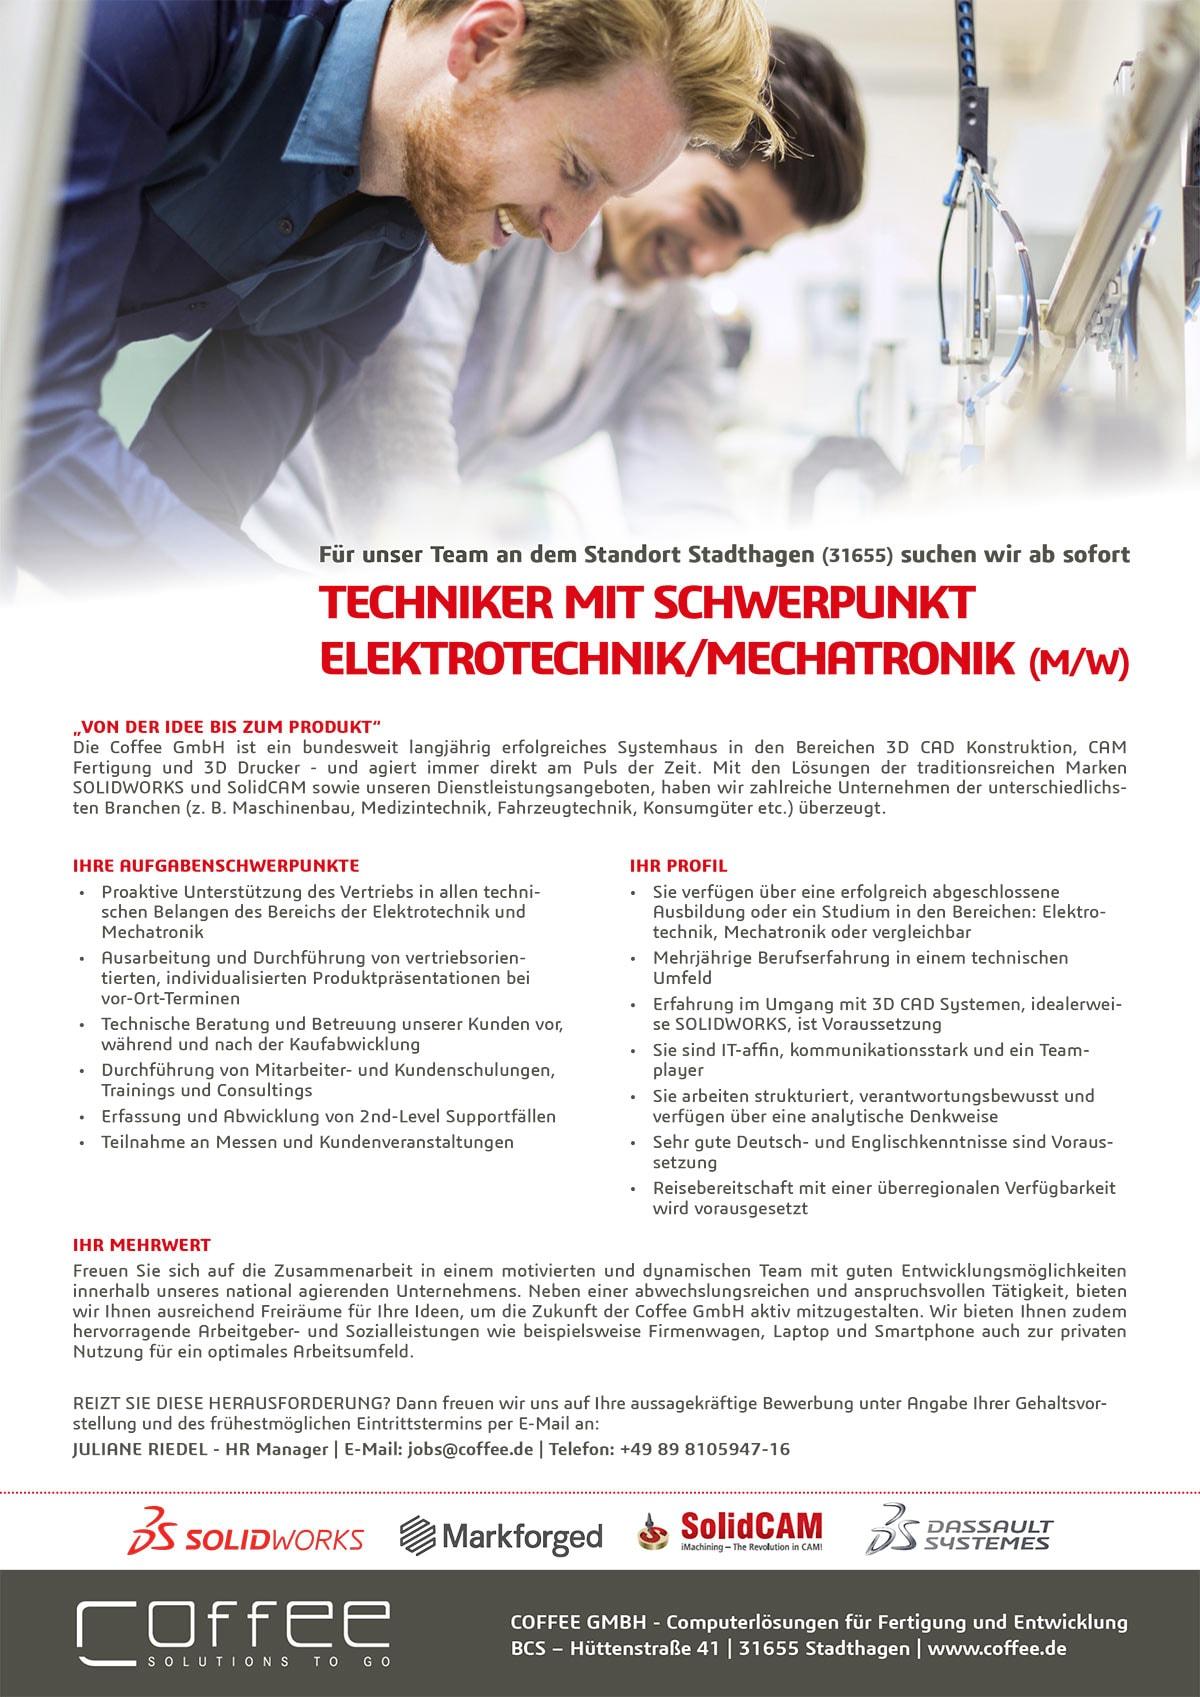 Stellenanzeige_Techniker-Electrical_0716_Stadthagen